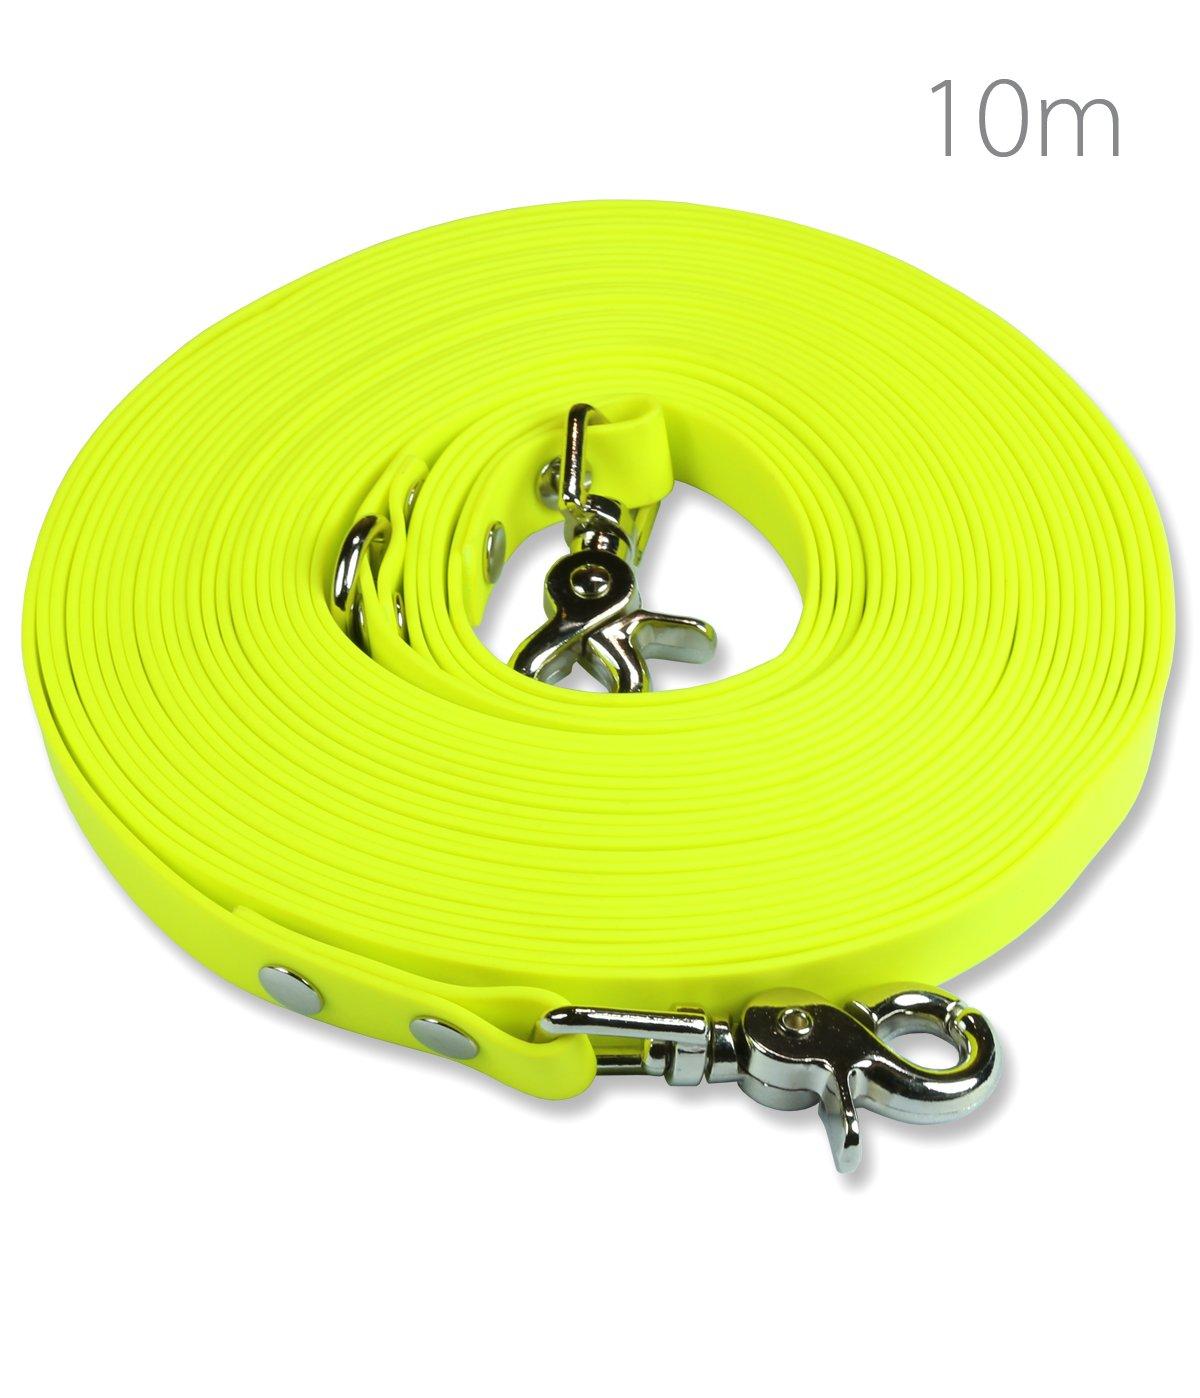 SNOOT Schleppleine 10m - zugfeste, schmutz- und Wasserabweisende Hundeleine mit Zwei Karabiner und D-Ring product image